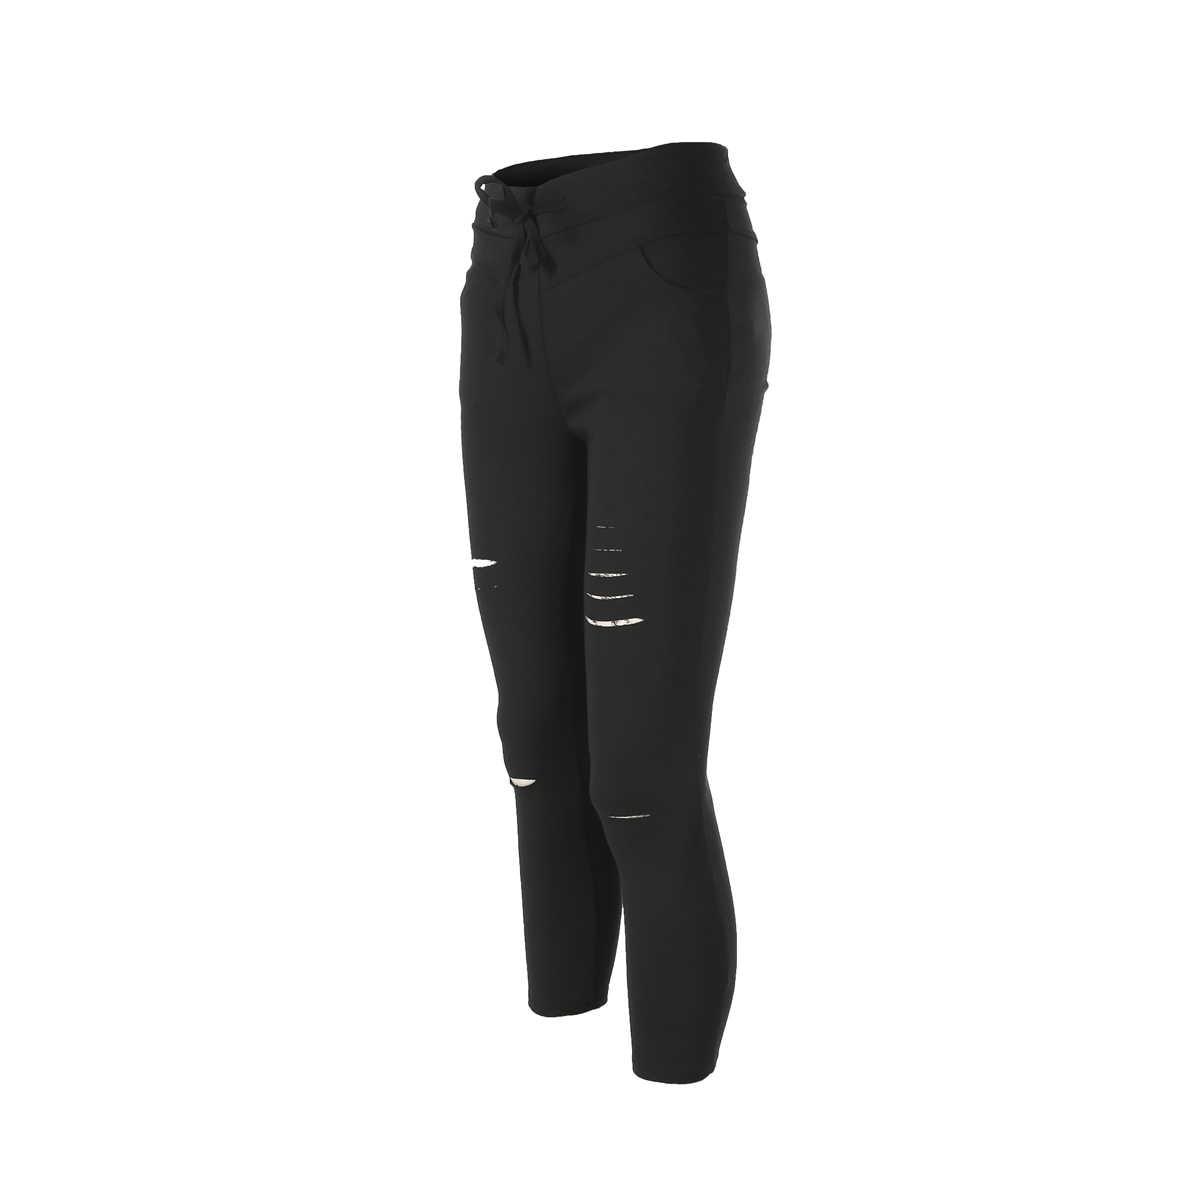 Yeni kadın sıska yırtık diz delik bandaj kot katı renk varış pantolon yüksek bel streç ince kalem pantolon